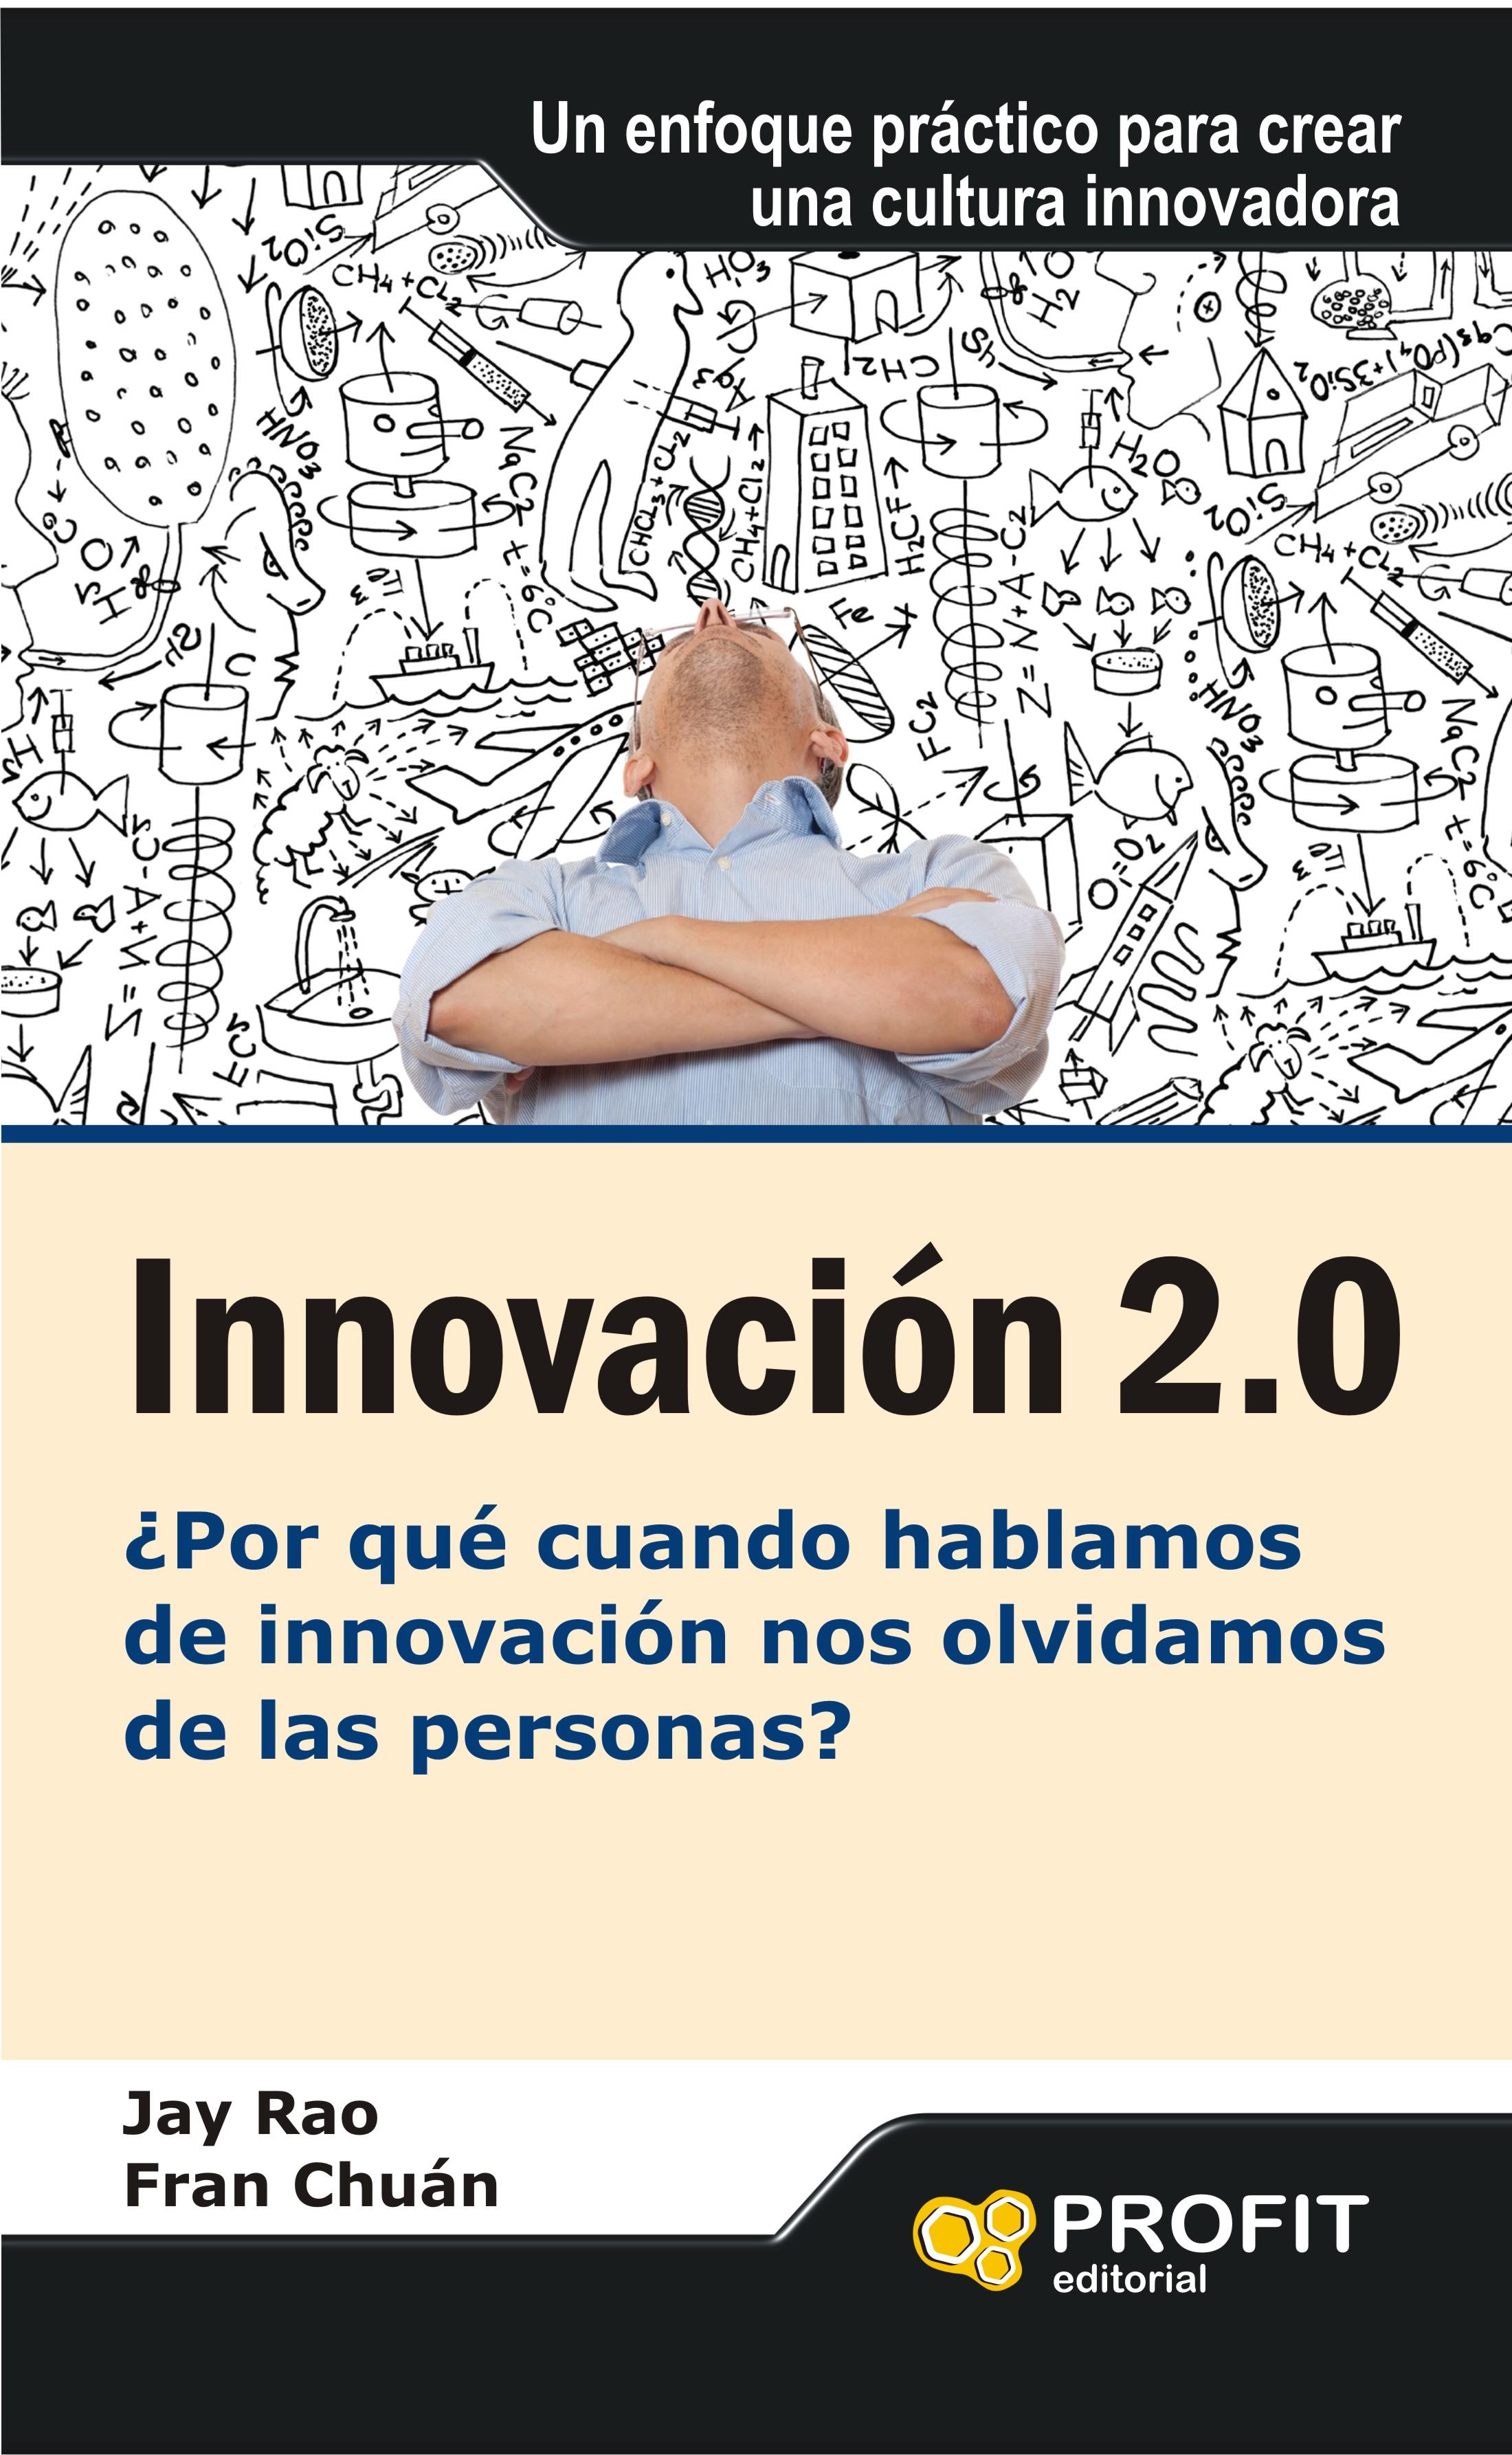 Innovación 2.0, ¿por qué cuando hablamos de innovación nos olvidamos de las personas?